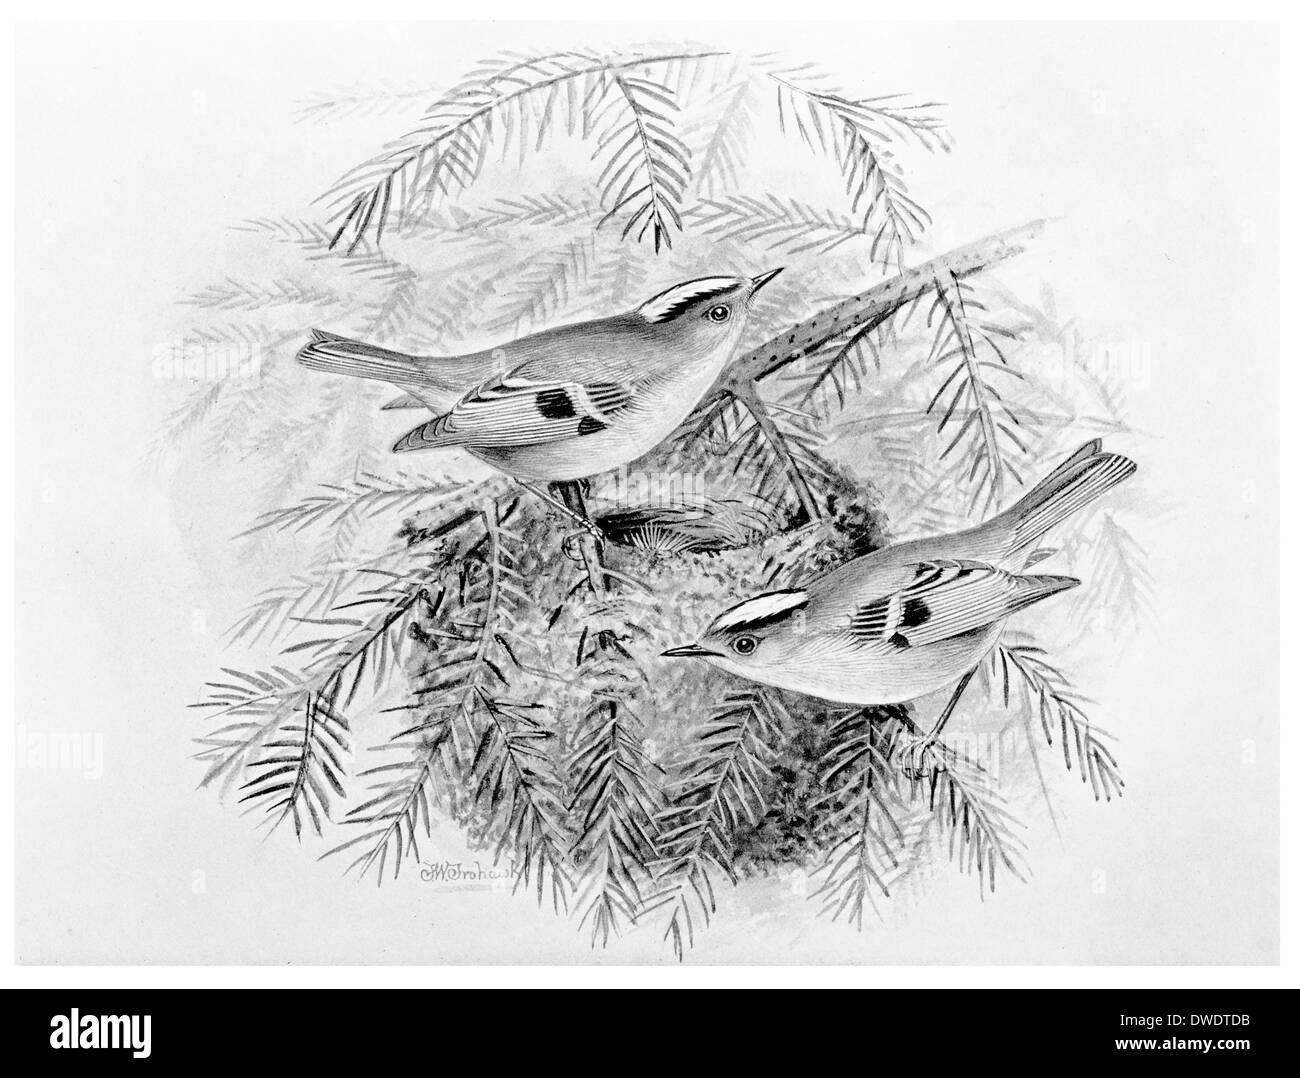 Golden Crested Wren - Stock Image